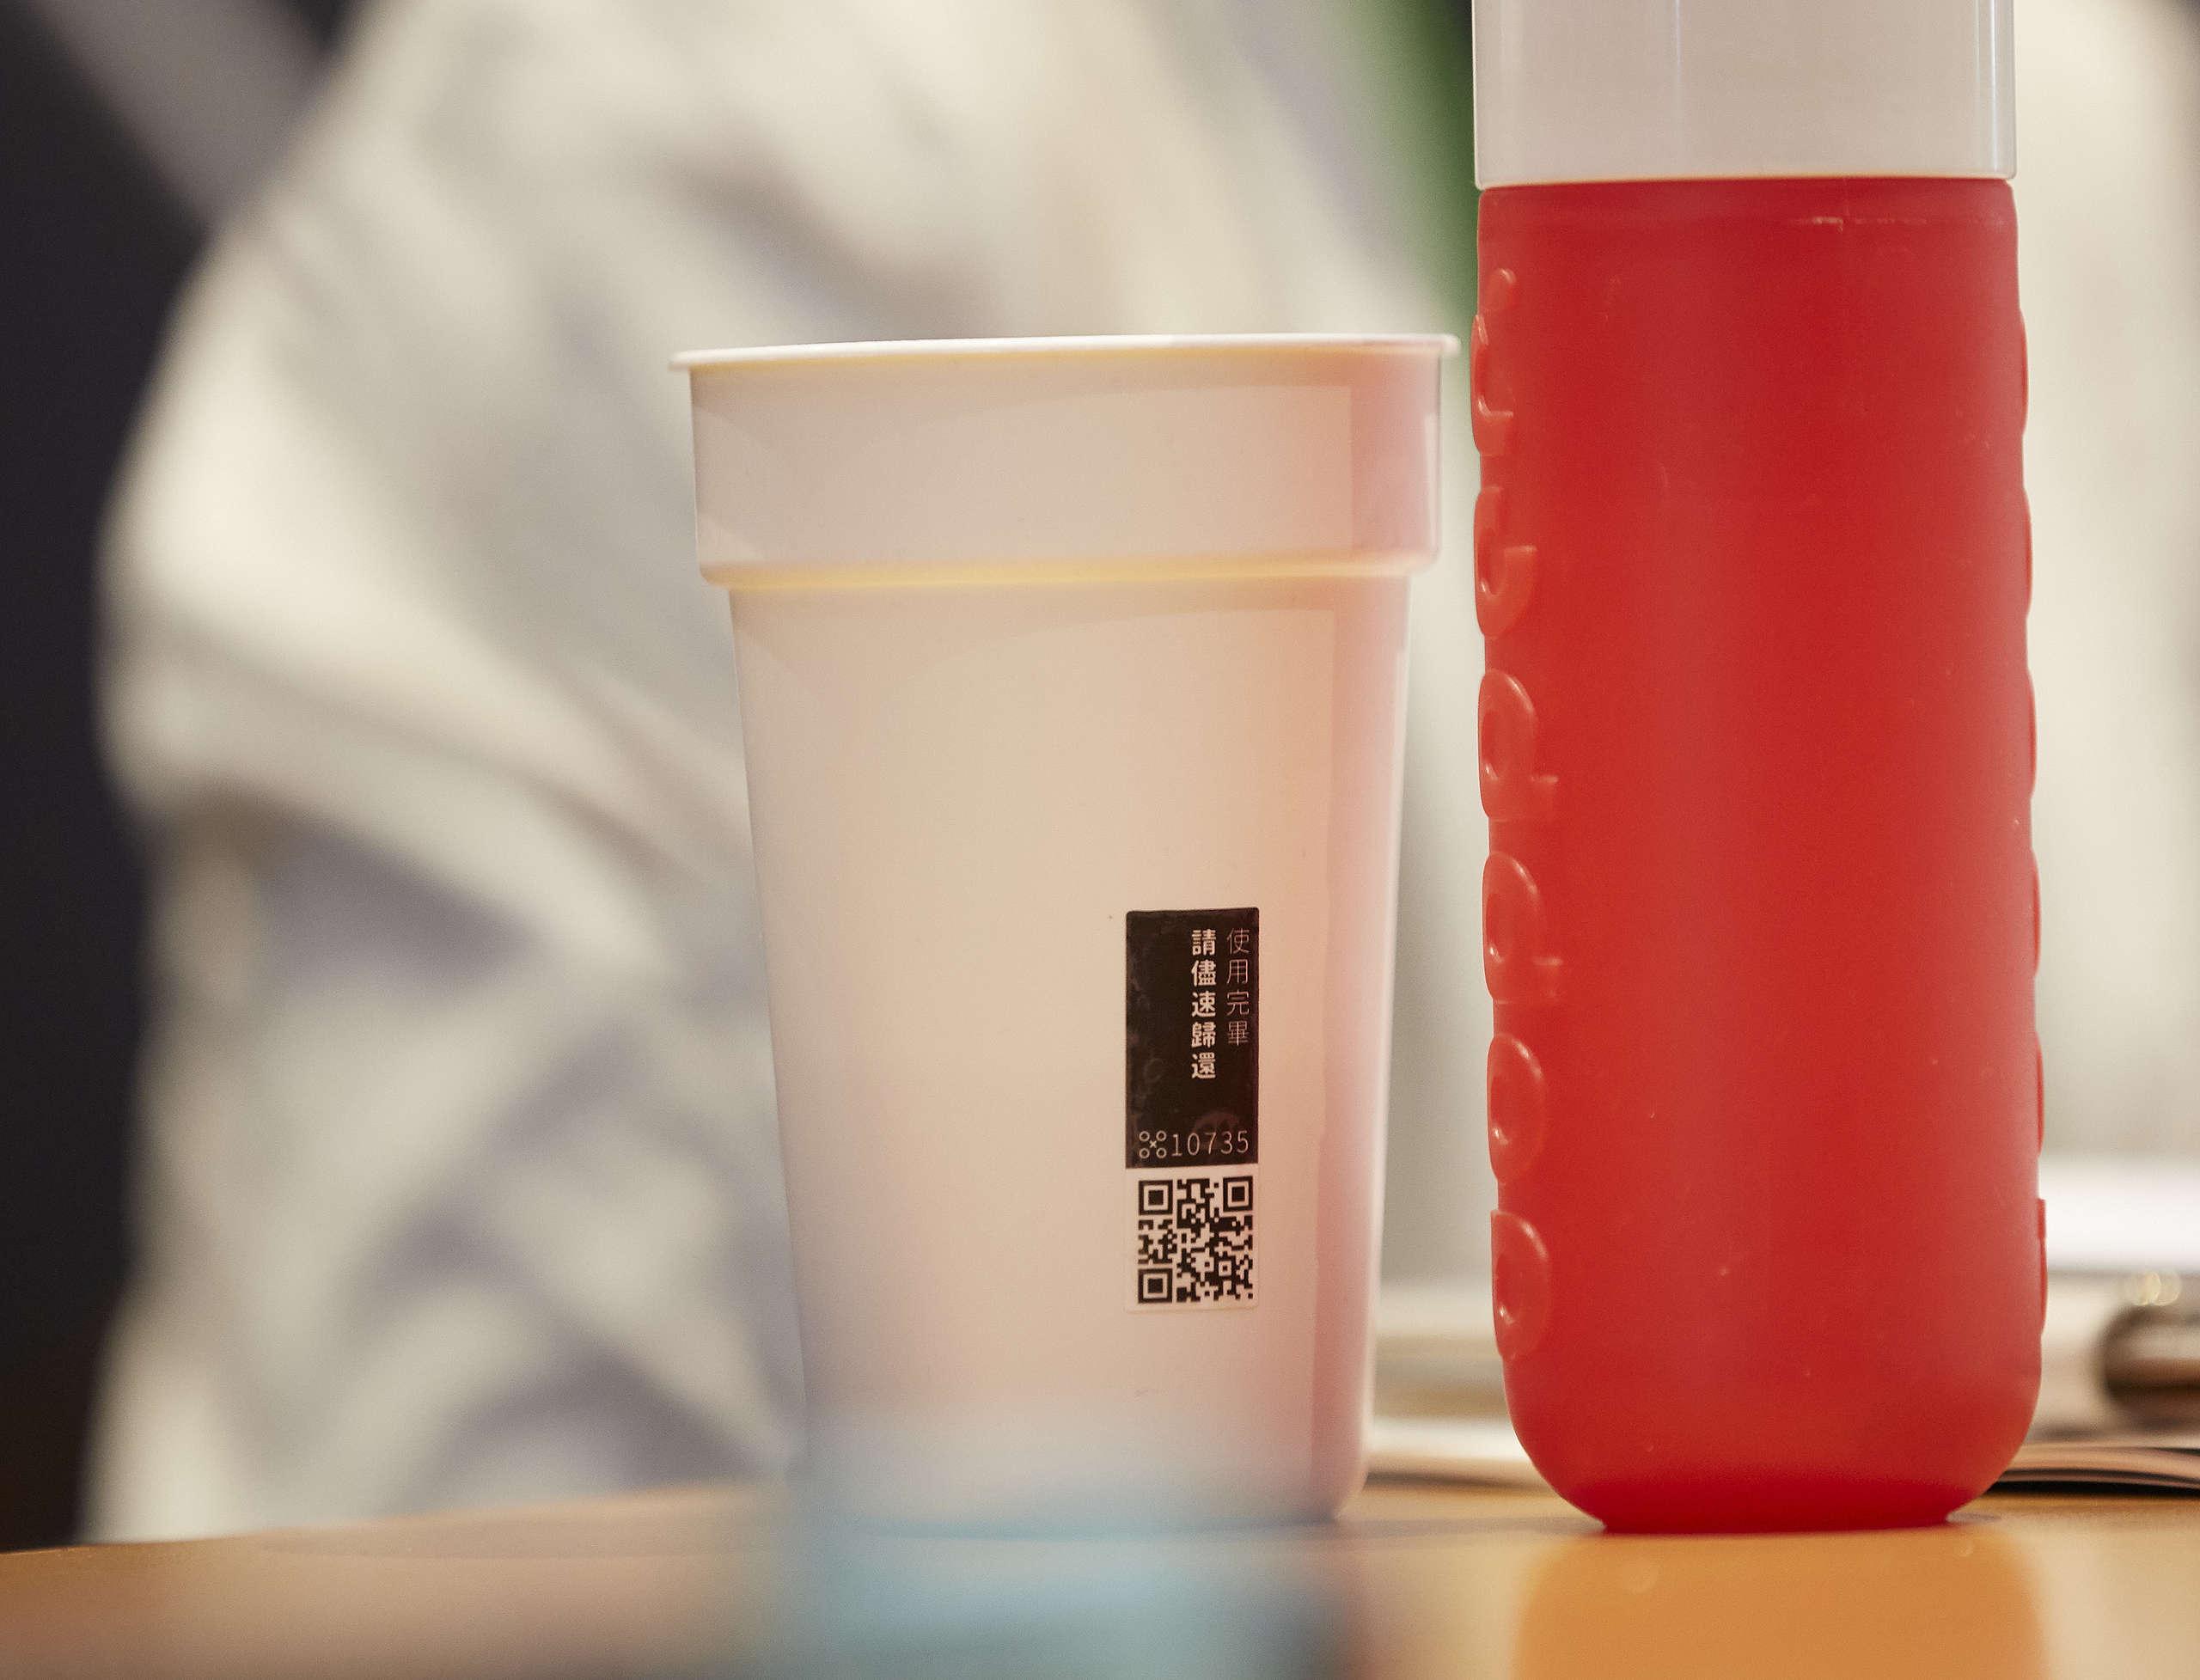 在臺灣已有相關業者推動可重複使用的外帶杯,然而由於大量耗用一次性塑膠的企業與品牌仍缺乏「重複使用模式」、「新興物流系統」的合作,以致於循環租借市場遲遲無法擴大。